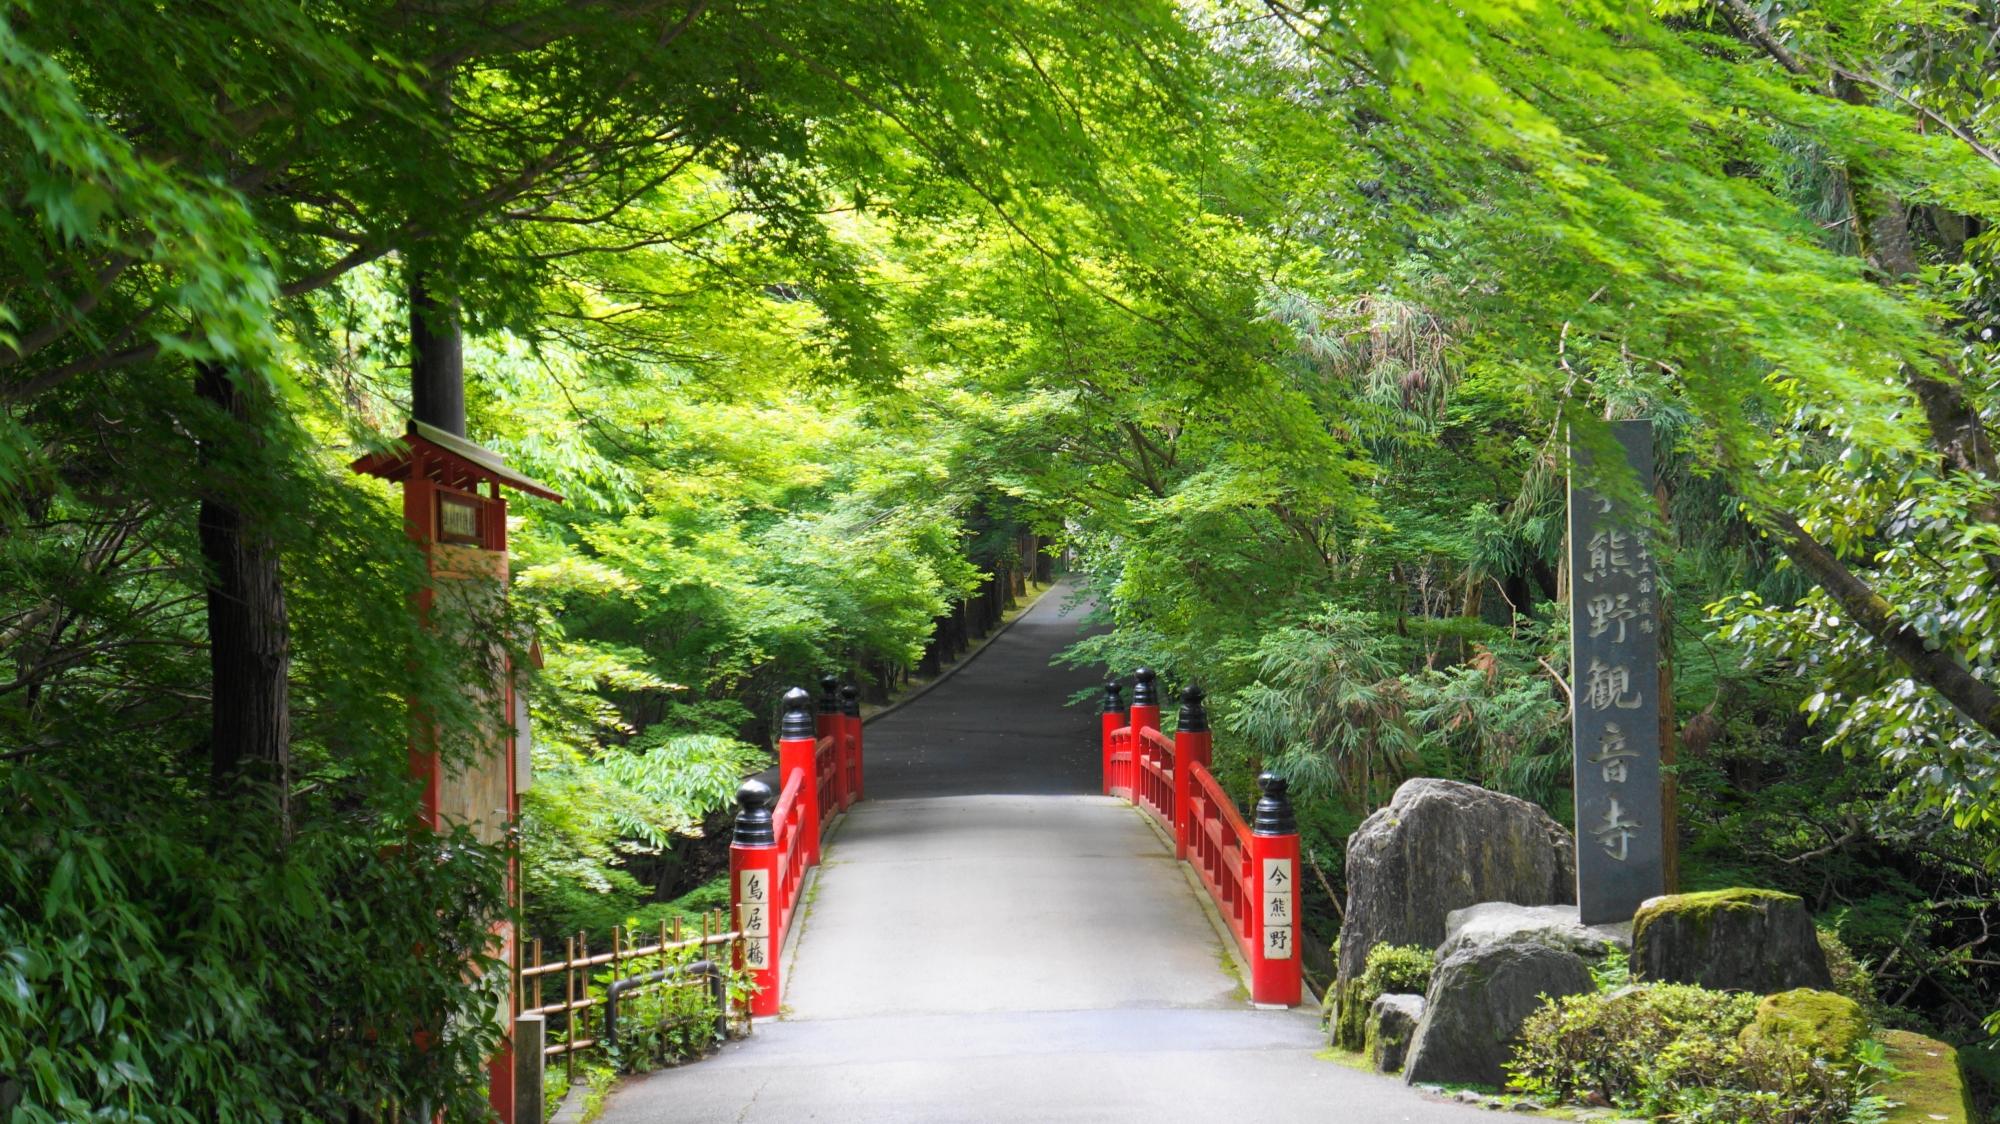 今熊野観音寺の鳥居橋と美しい新緑